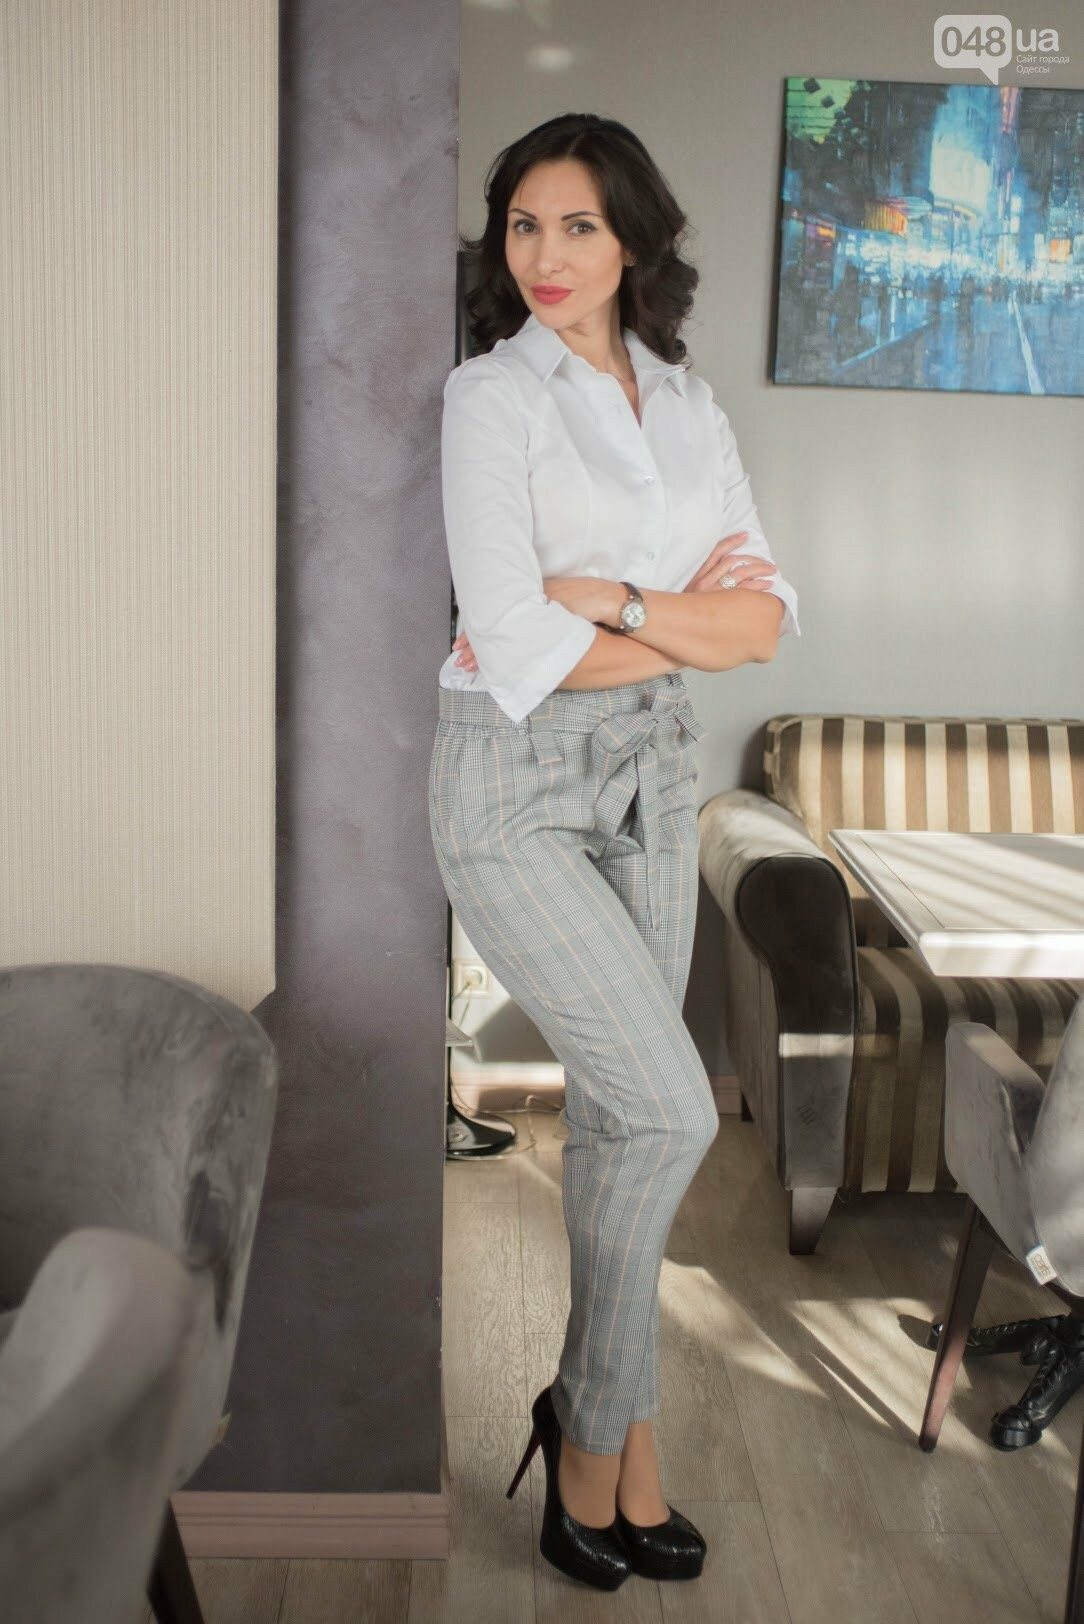 Психологи Одессы, консультация и помощь, фото-96